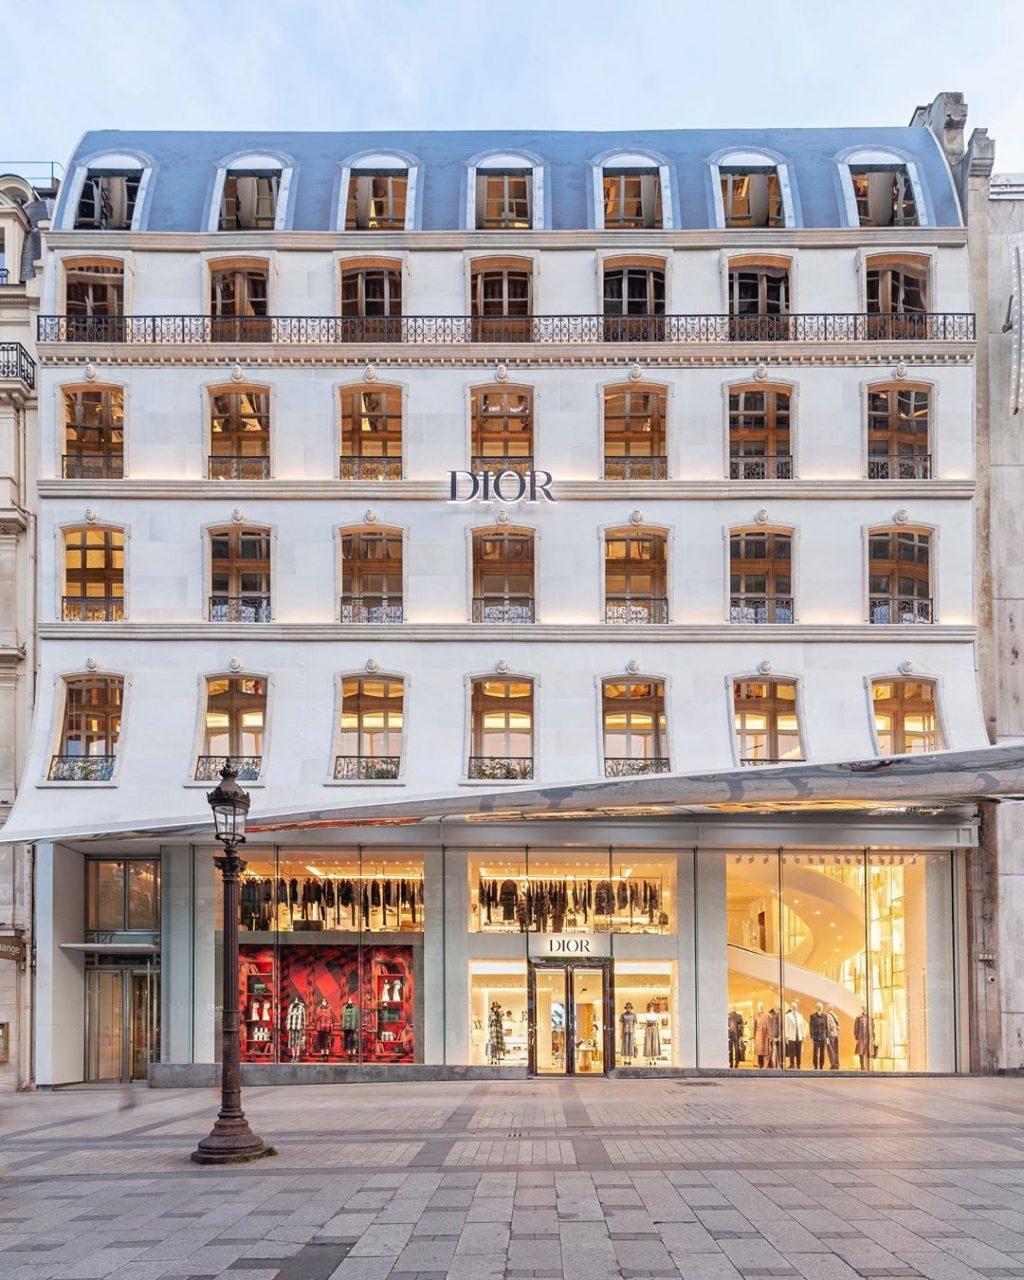 Cửa hiệu mới khai trương của dior tại Champs- Elysées